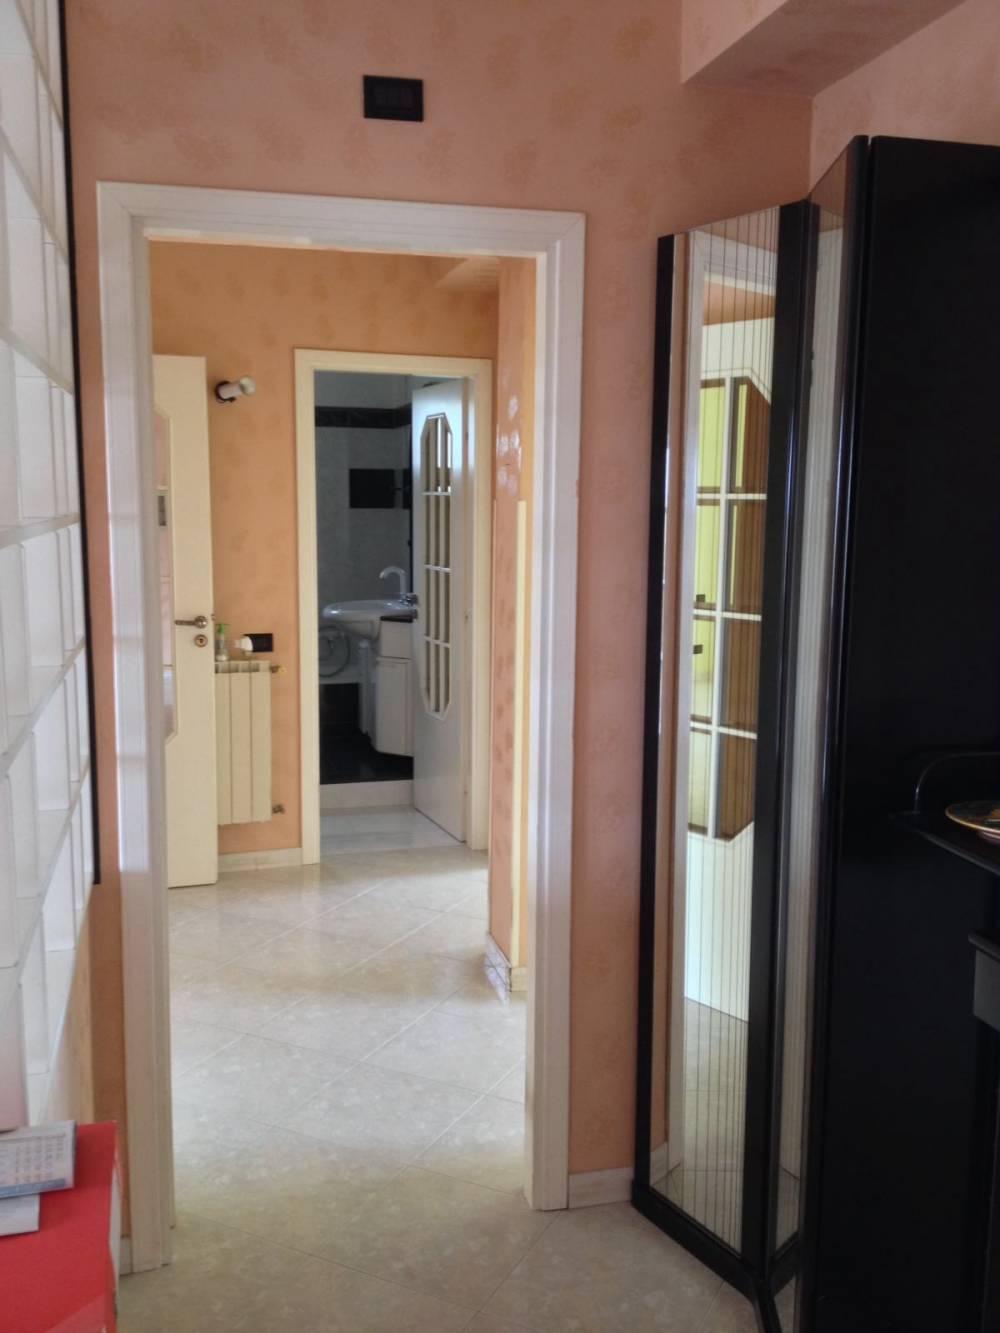 Camera casa in vendita a Capo d'Orlando - Sicilia